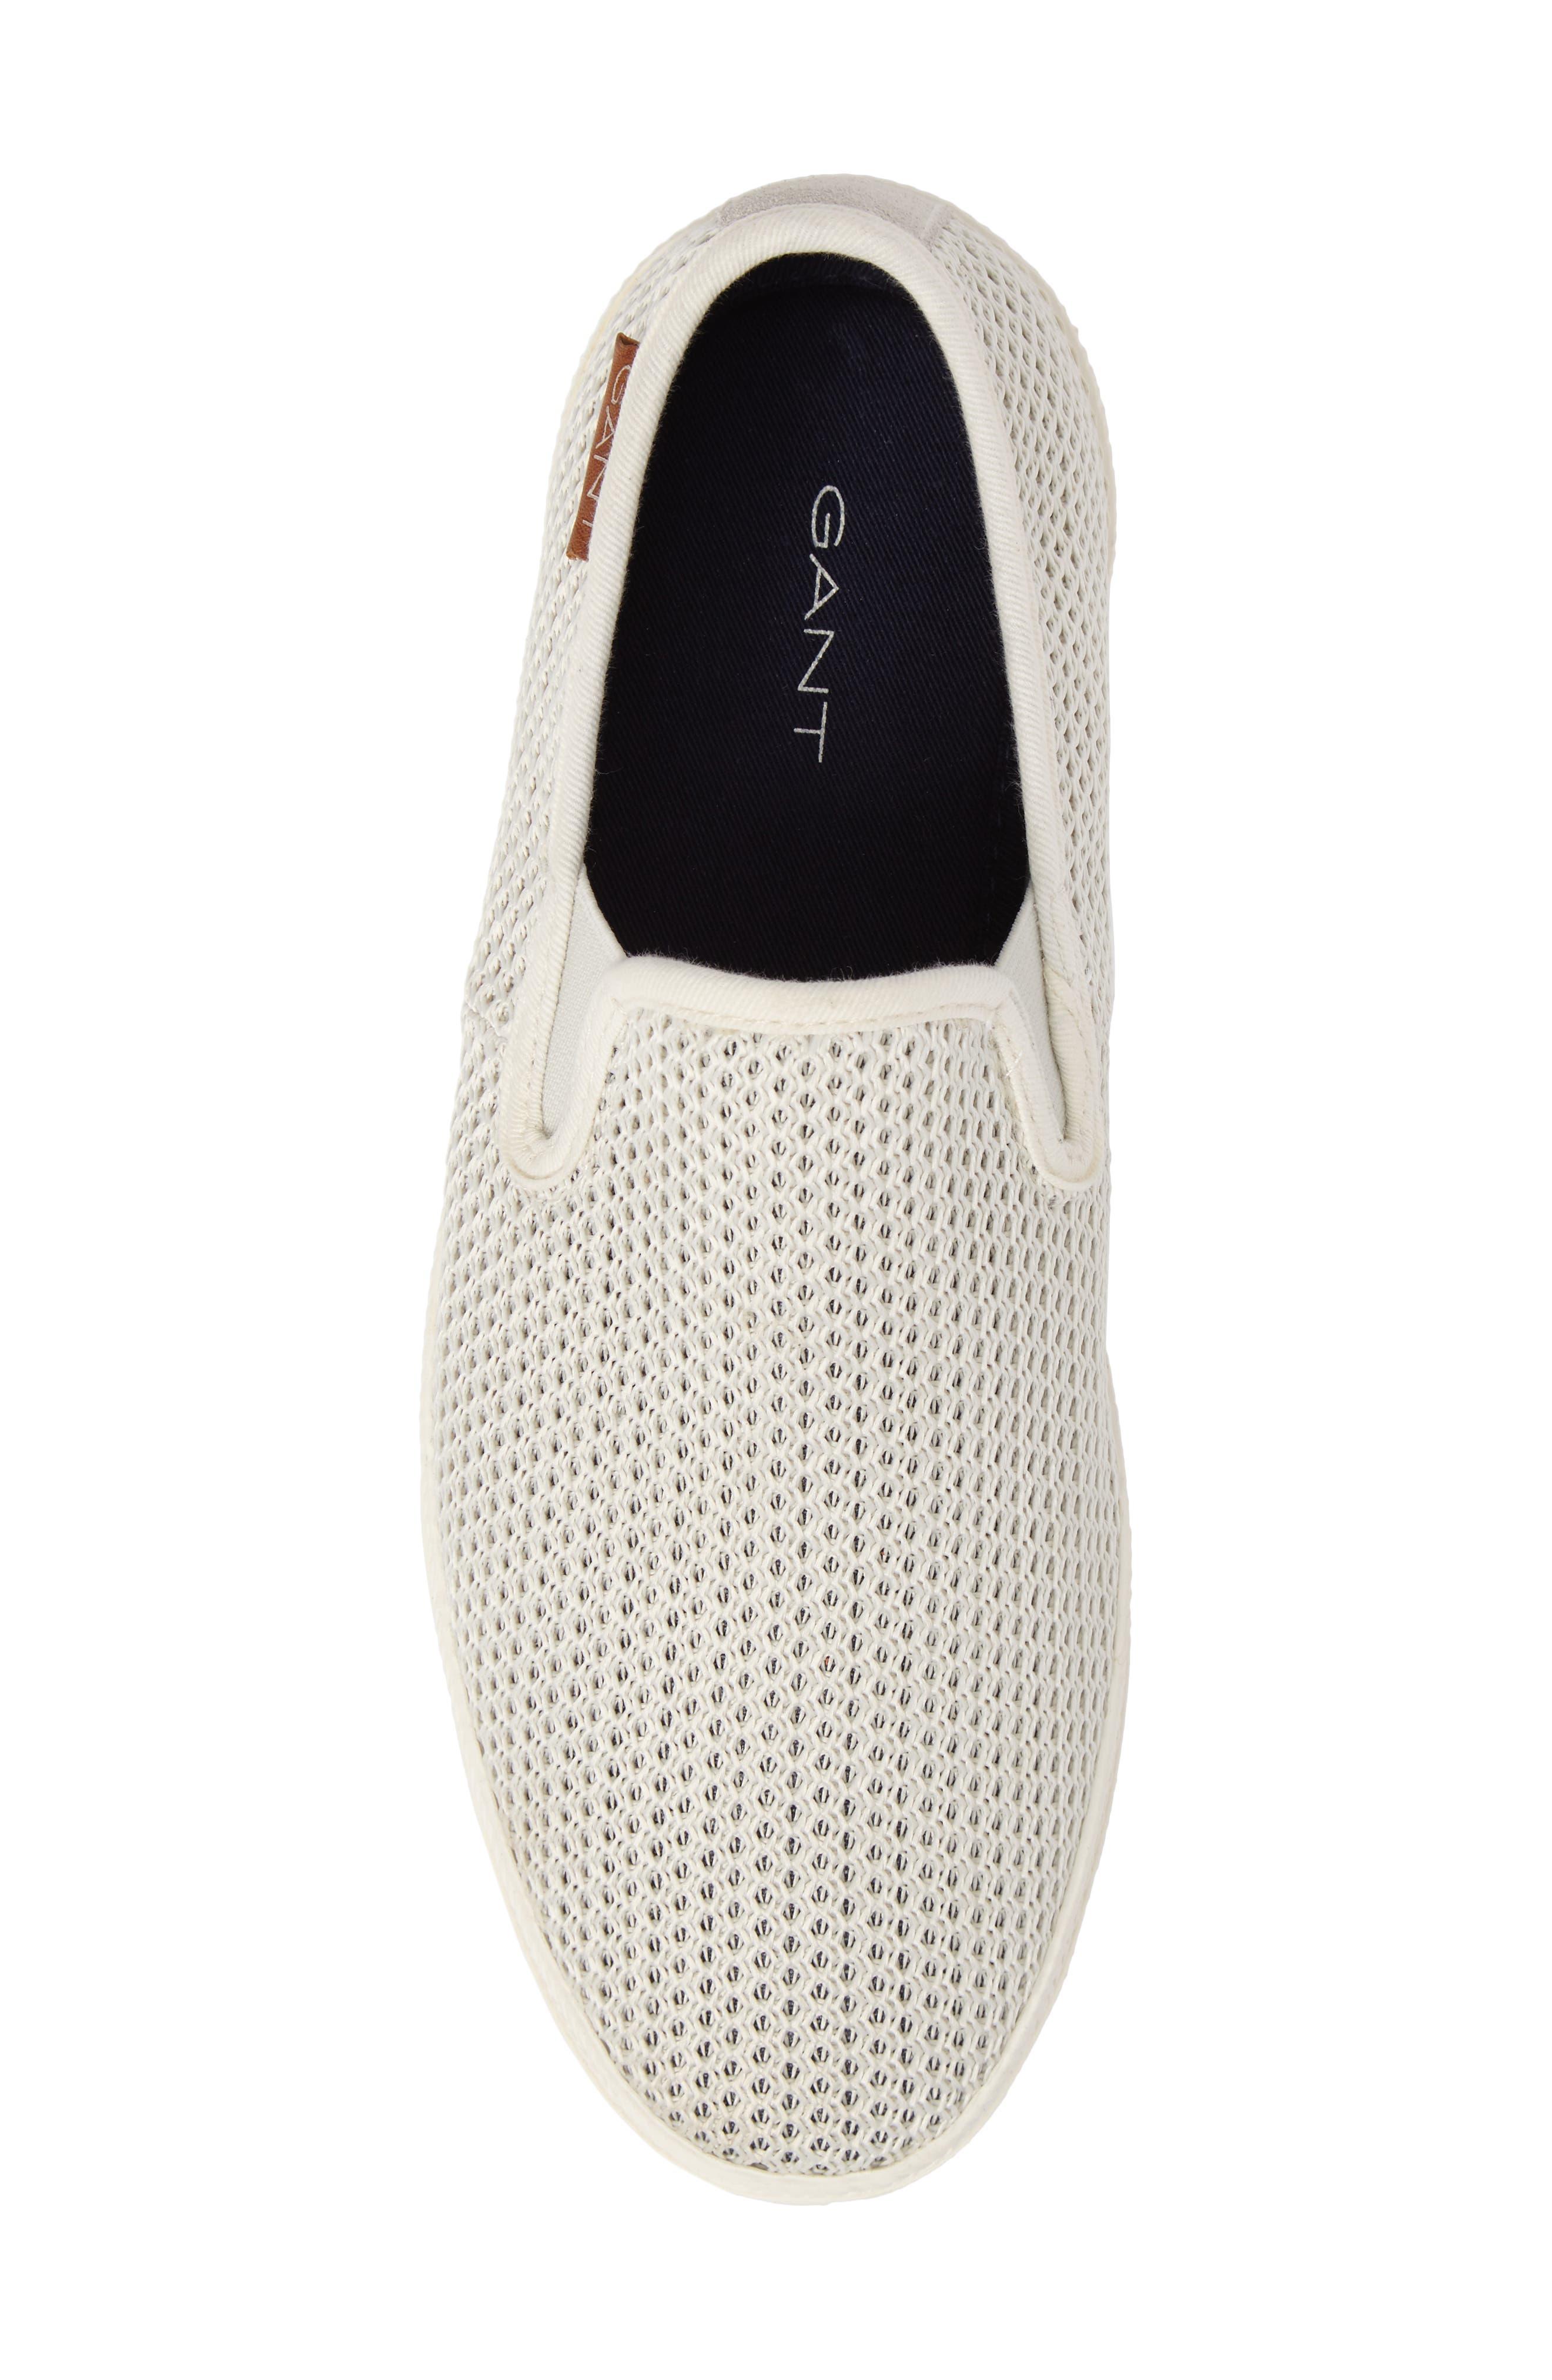 Delray Woven Slip-On Sneaker,                             Alternate thumbnail 5, color,                             Bone Beige Fabric